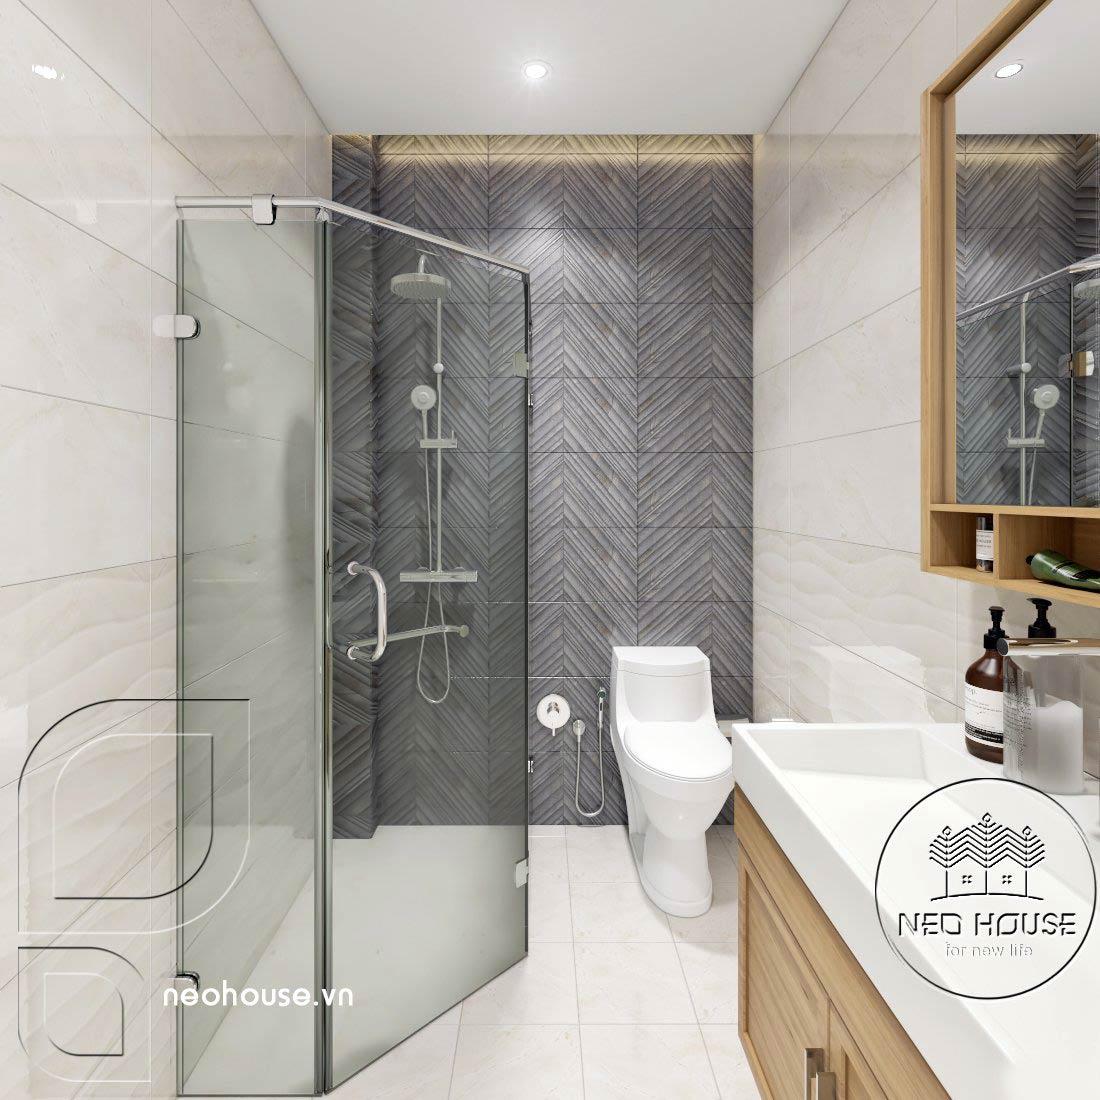 Thiết kế thi công cải tạo nhà phố 3 tầng với không gian nội thất phòng vệ sinh Master 02. Ảnh 1